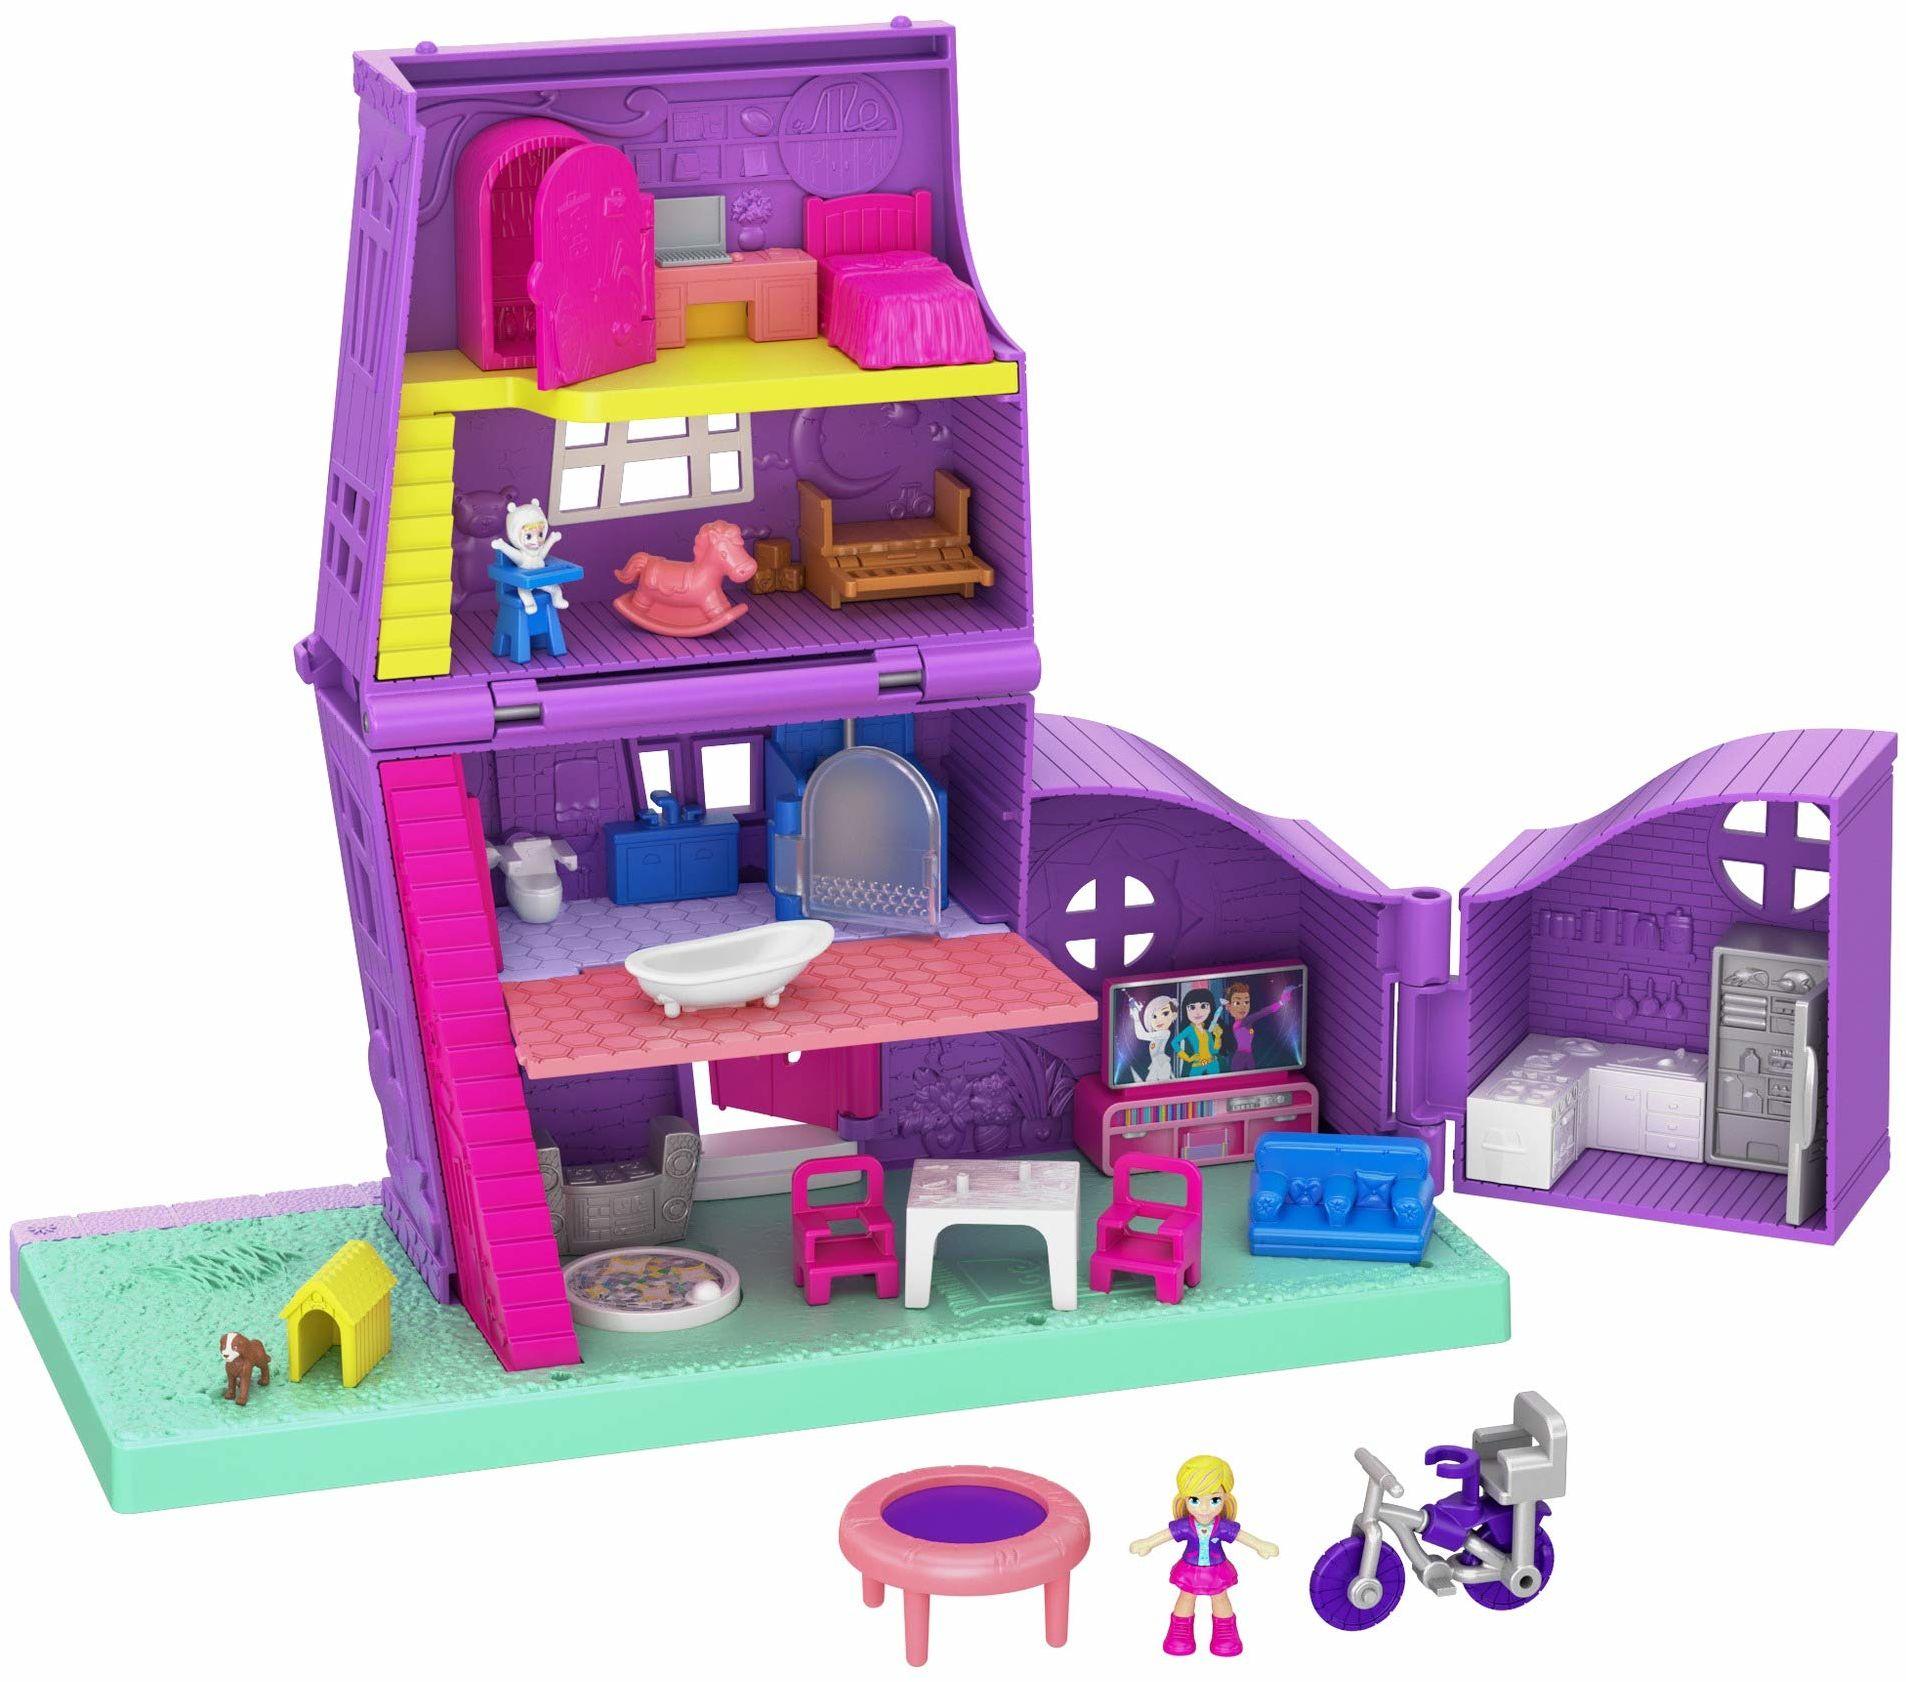 Polly Pocket GFP42 , Domek Polly Pollyville Zestaw Do Zabawy 4 Poziomy, 5 Pomieszczeń, Akcesoria I Małe Lalki Polly I Paxton Pocket Gfp42 ,wielobarwny